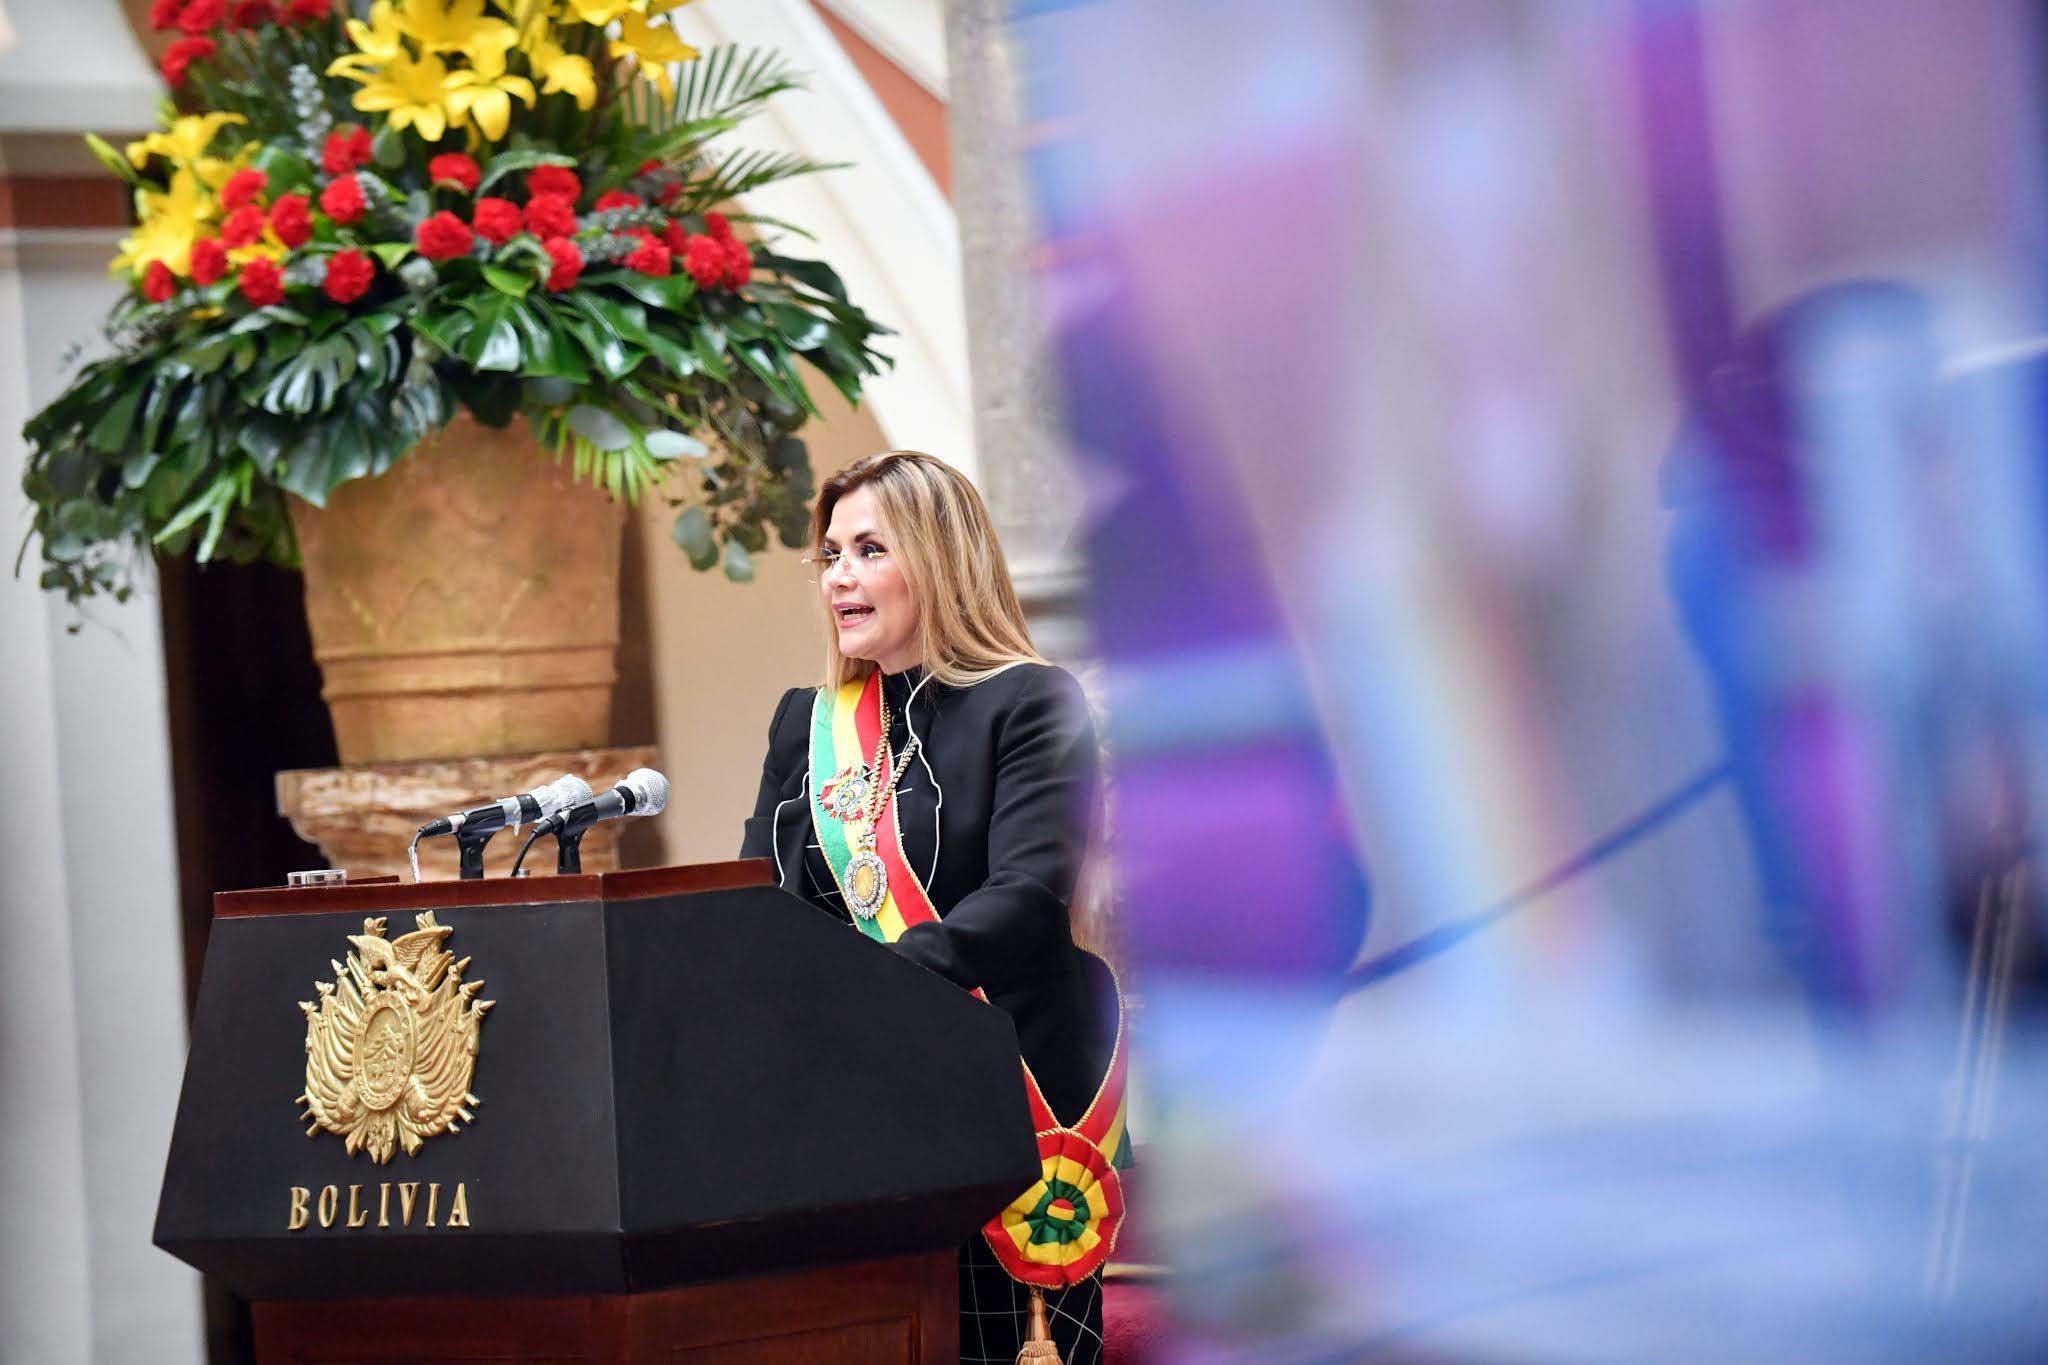 La presidenta constitucional en su mensaje por el 195 aniversario de la República / ABI